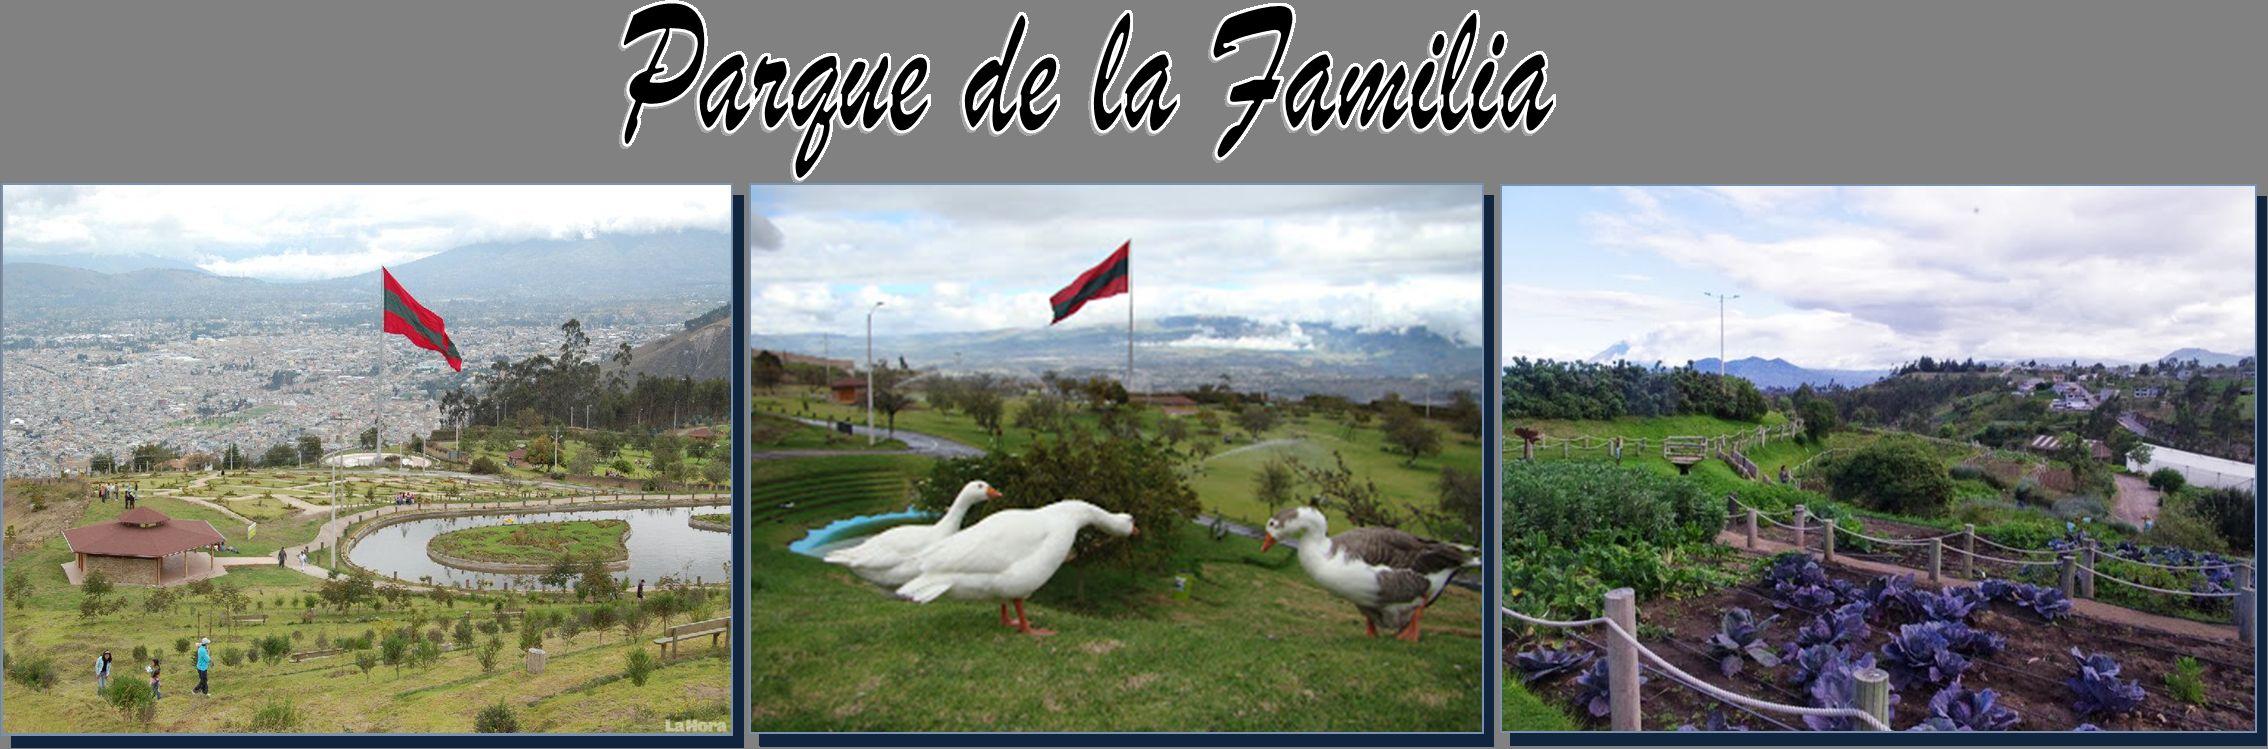 parquefamilia_1